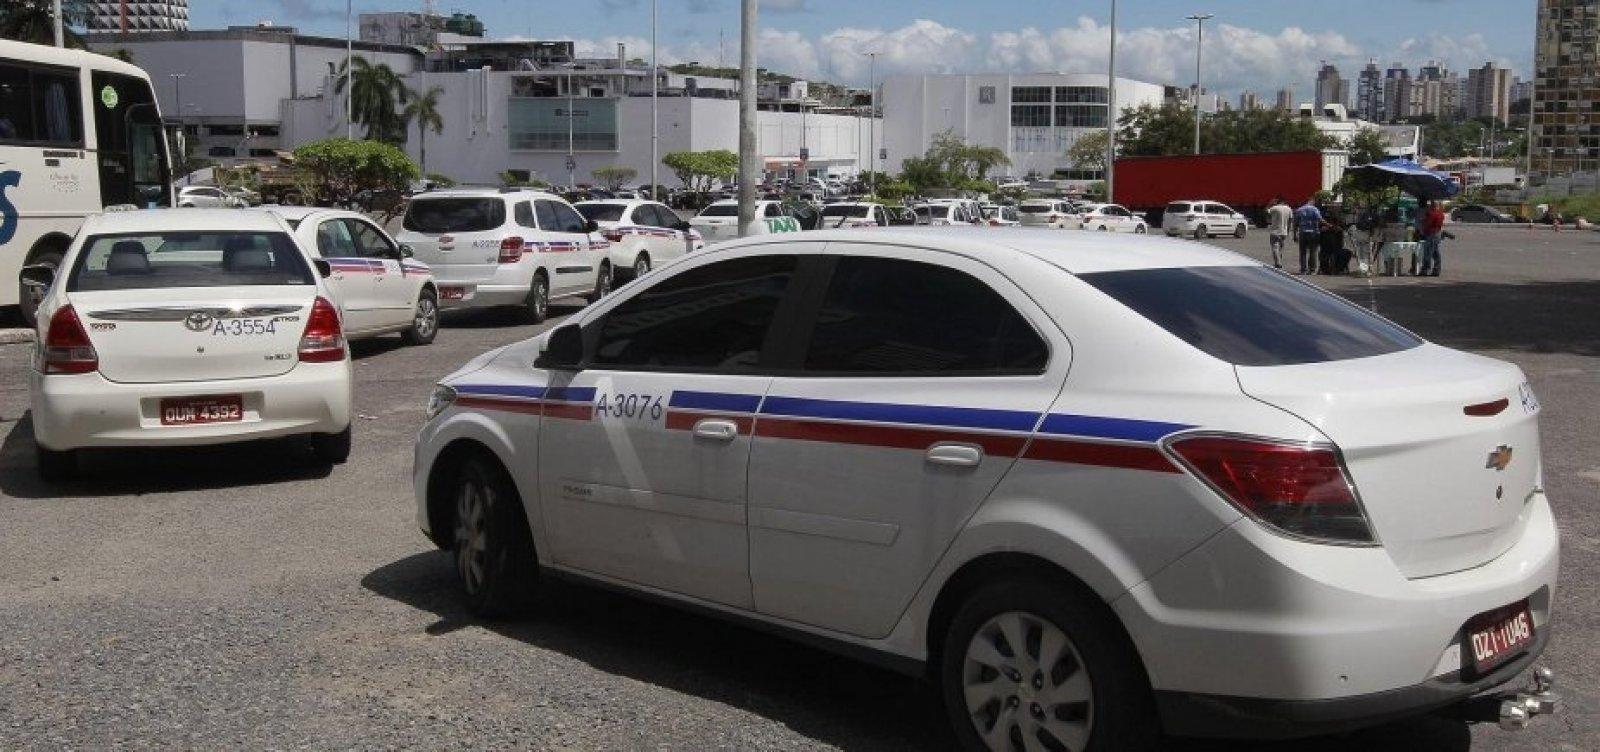 [Cobrança de bandeira 2 em dezembro vai ficar a critério dos taxistas em Salvador]